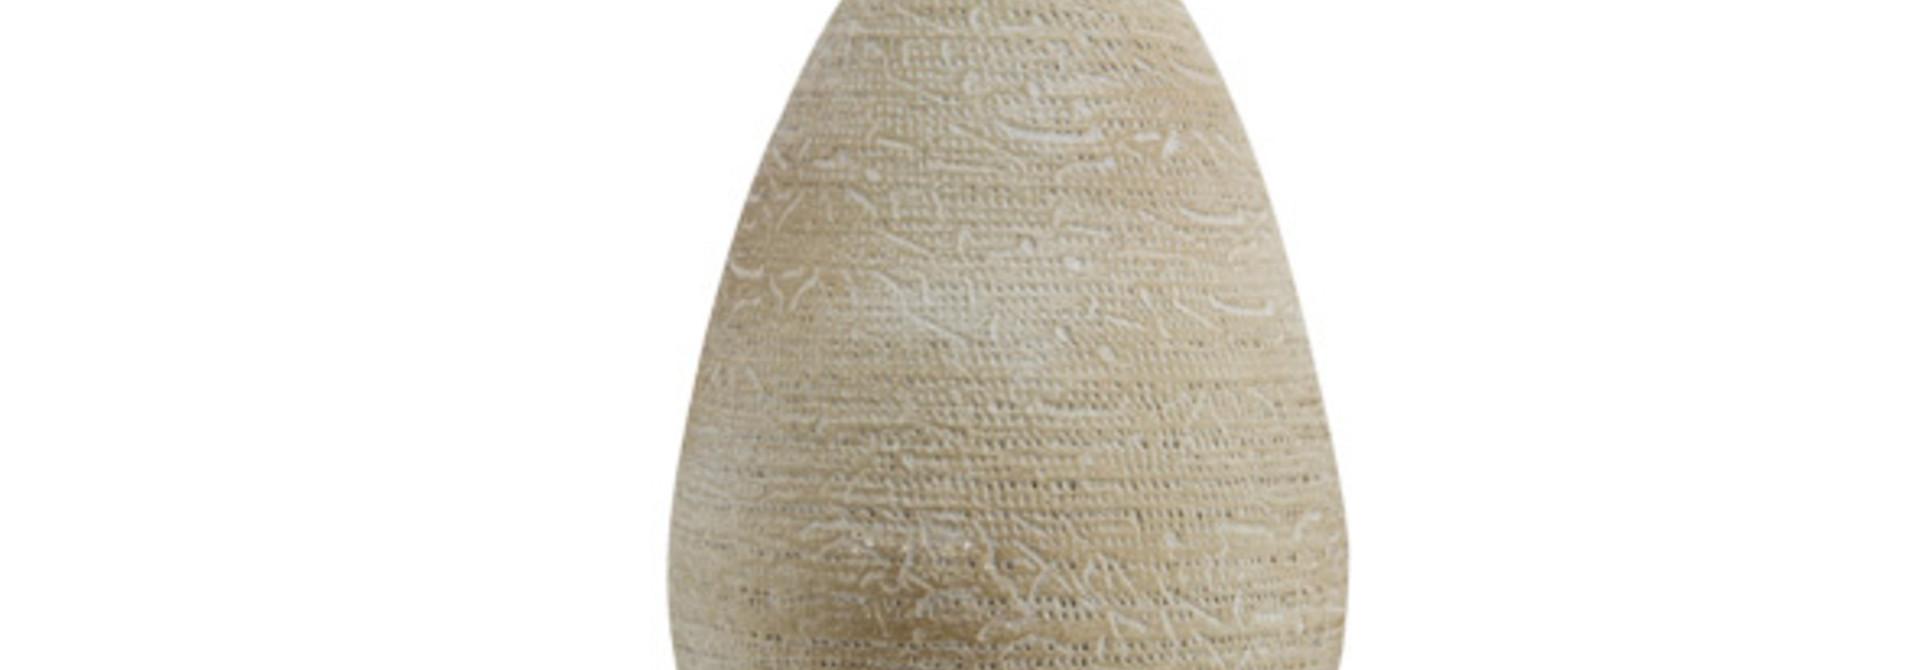 Vaas rough wash beige aardewerk 18x18h27 rond aardewerk